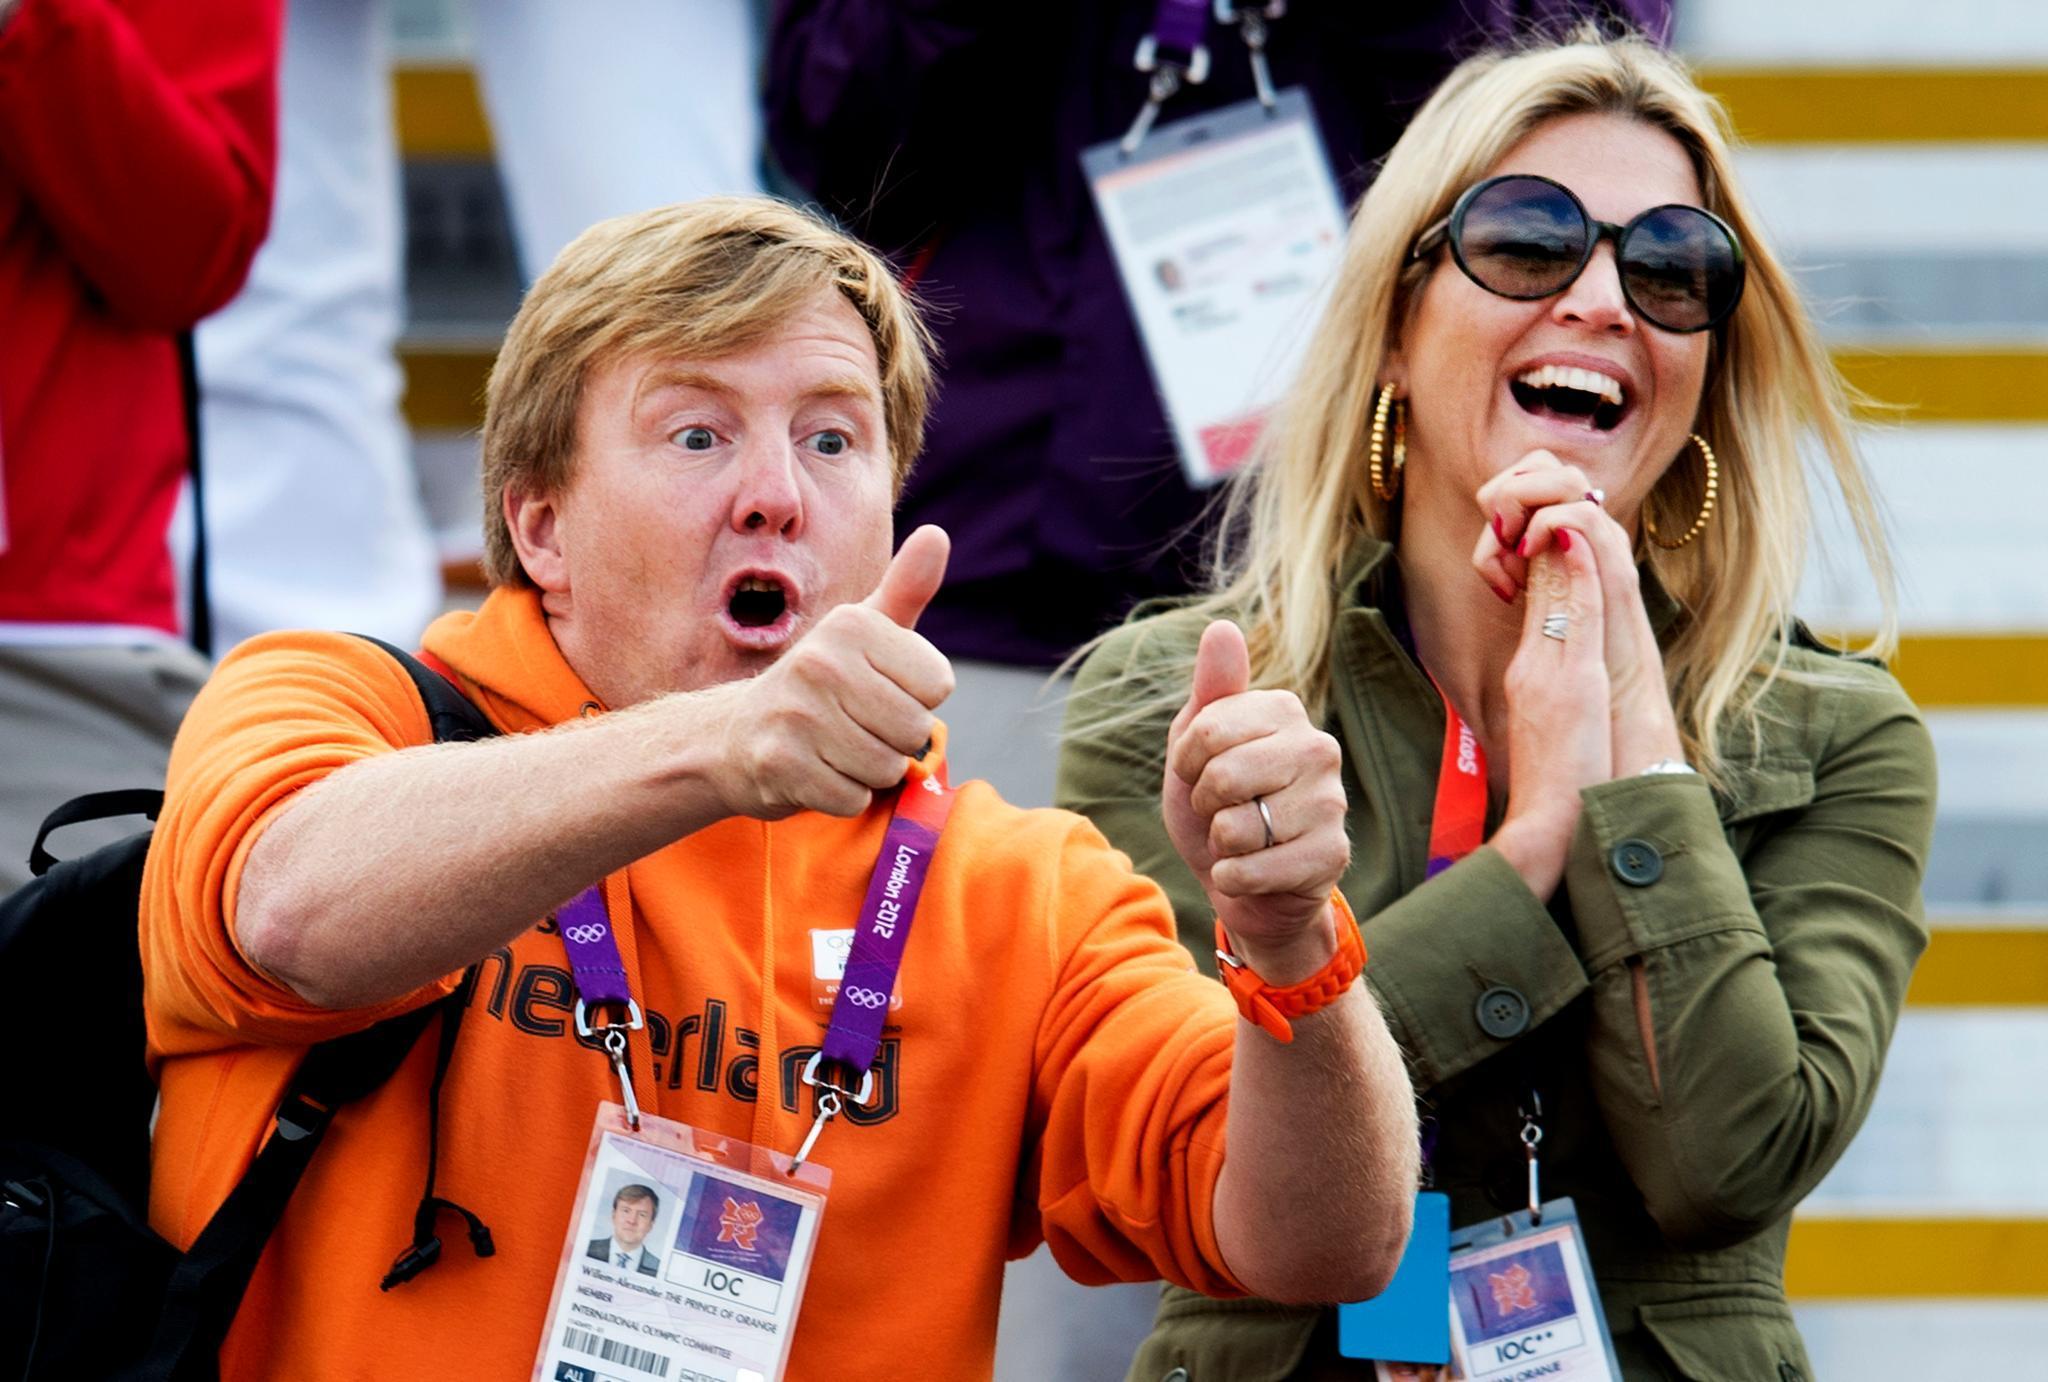 So schön jubelten König Willem-Alexander und Königin Máxima 2012 gemeinsam bei den Olympischen Spielen in London.